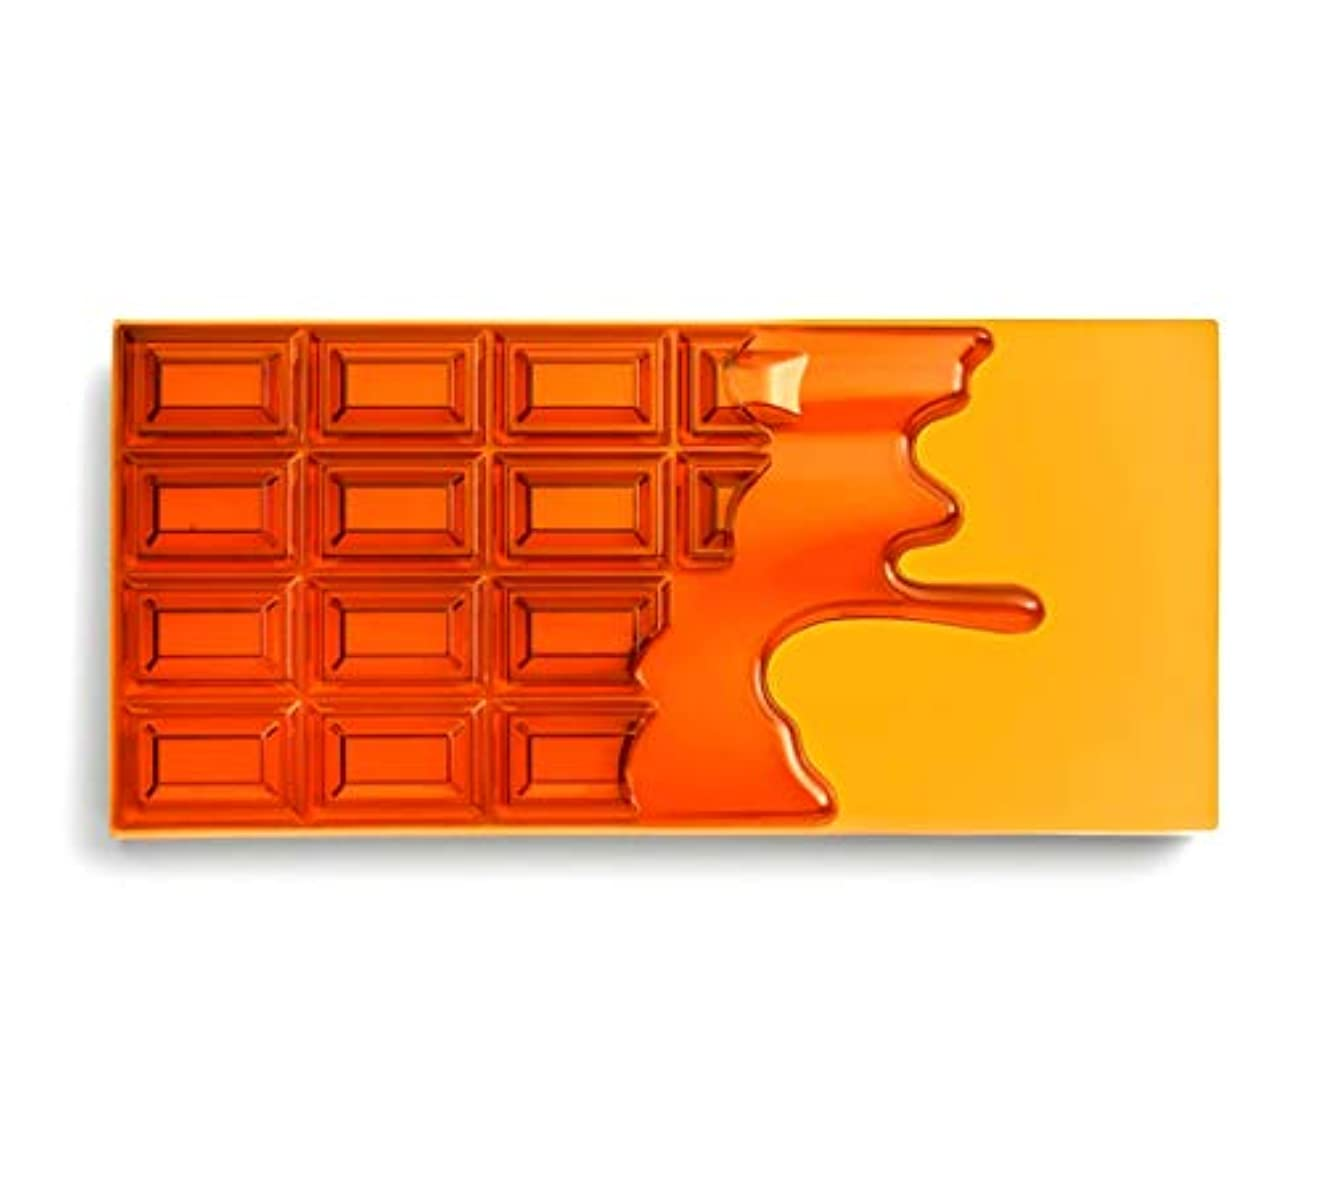 明確なメリーアイザックメイクアップレボリューション アイラブメイクアップ チョコレート型18色アイシャドウパレット #Honey Chocolate ハニーチョコレートパレット アイシャドウ